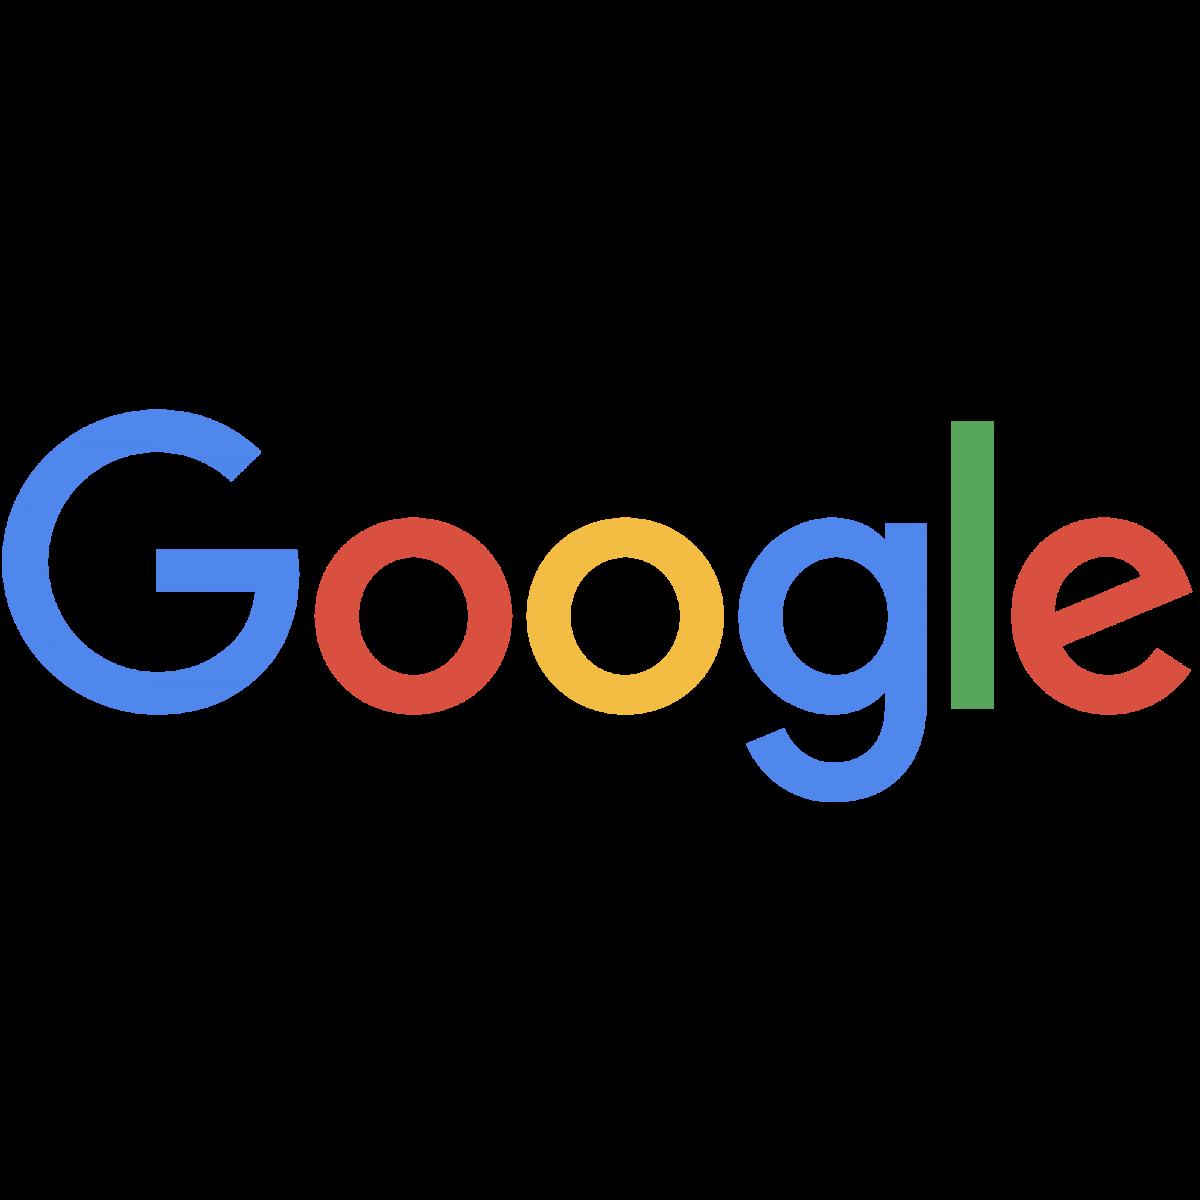 sökmotoroptimering vs sökmotormarknadsföring